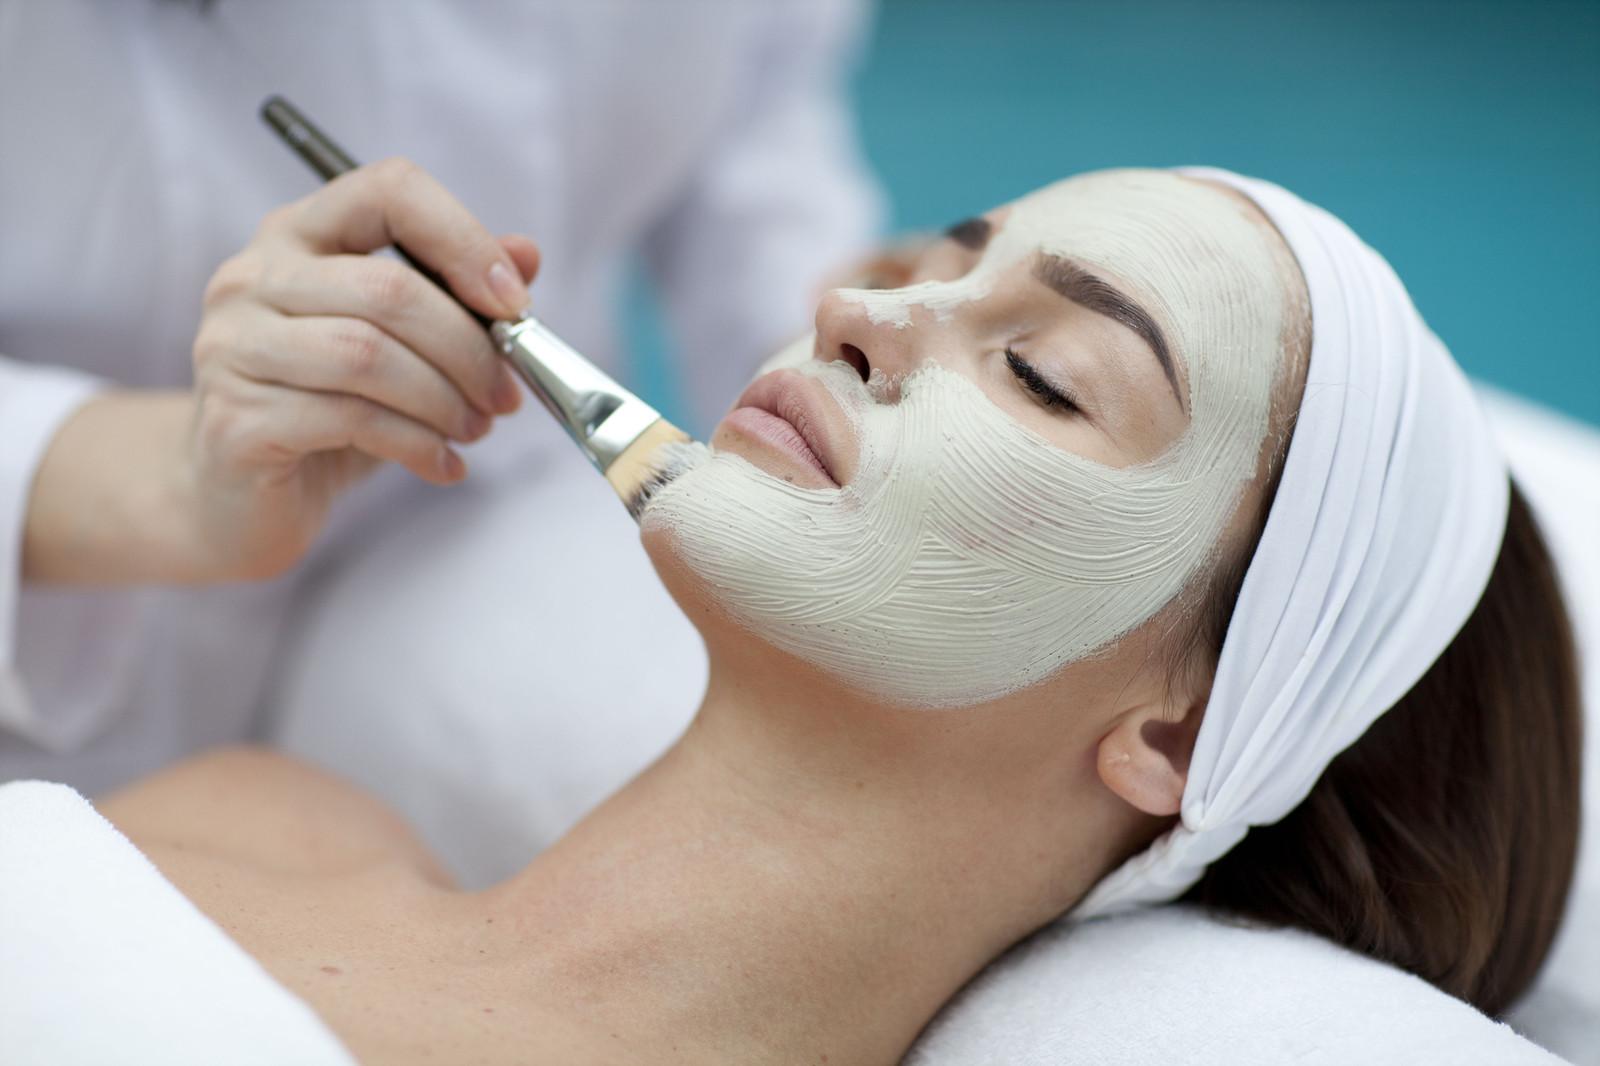 5 советов для идеального лица, о которых вам не скажет ни один косметолог